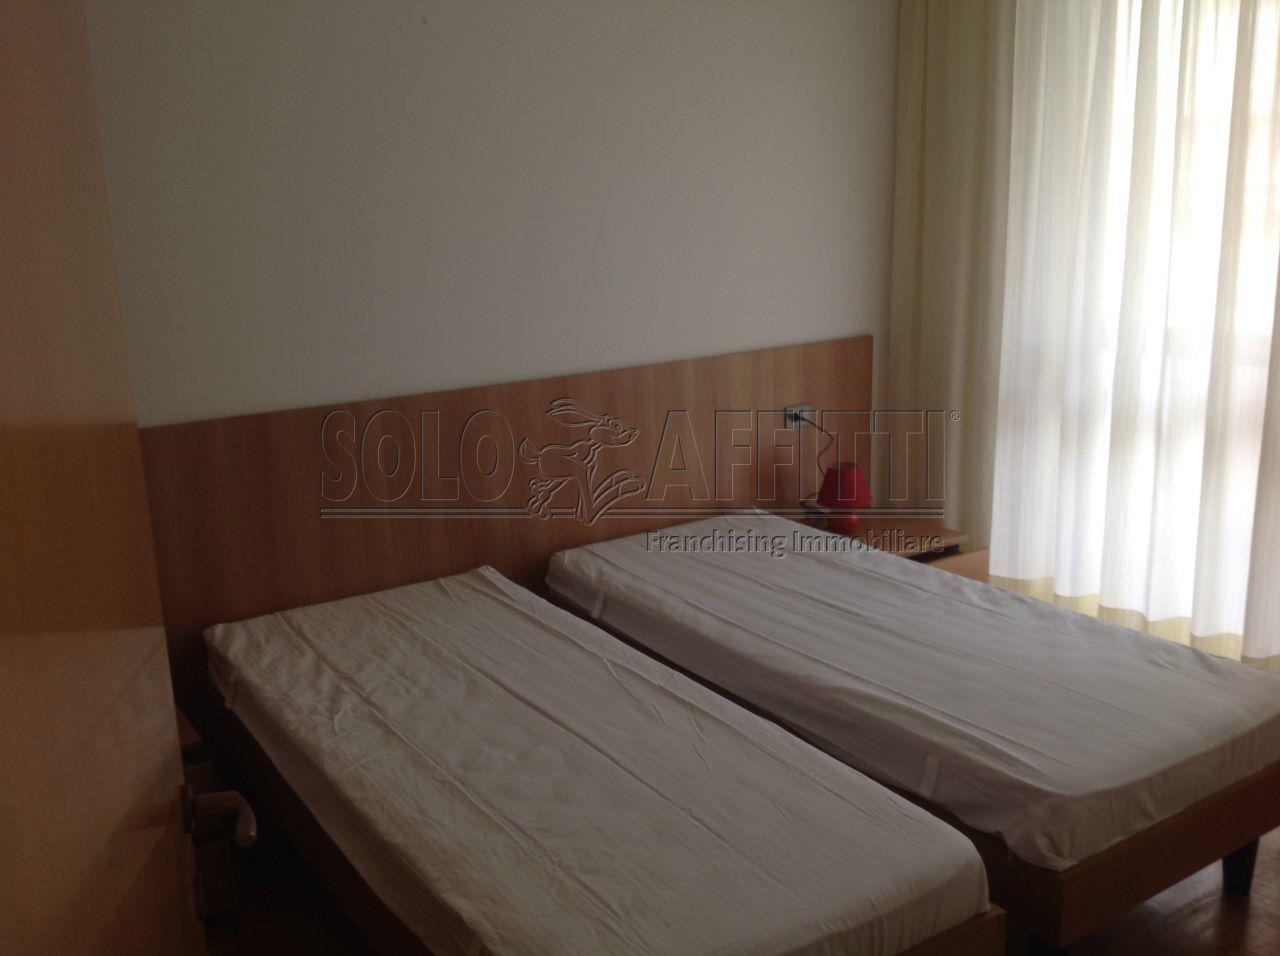 Bilocale Trento Via Guardini 24 9